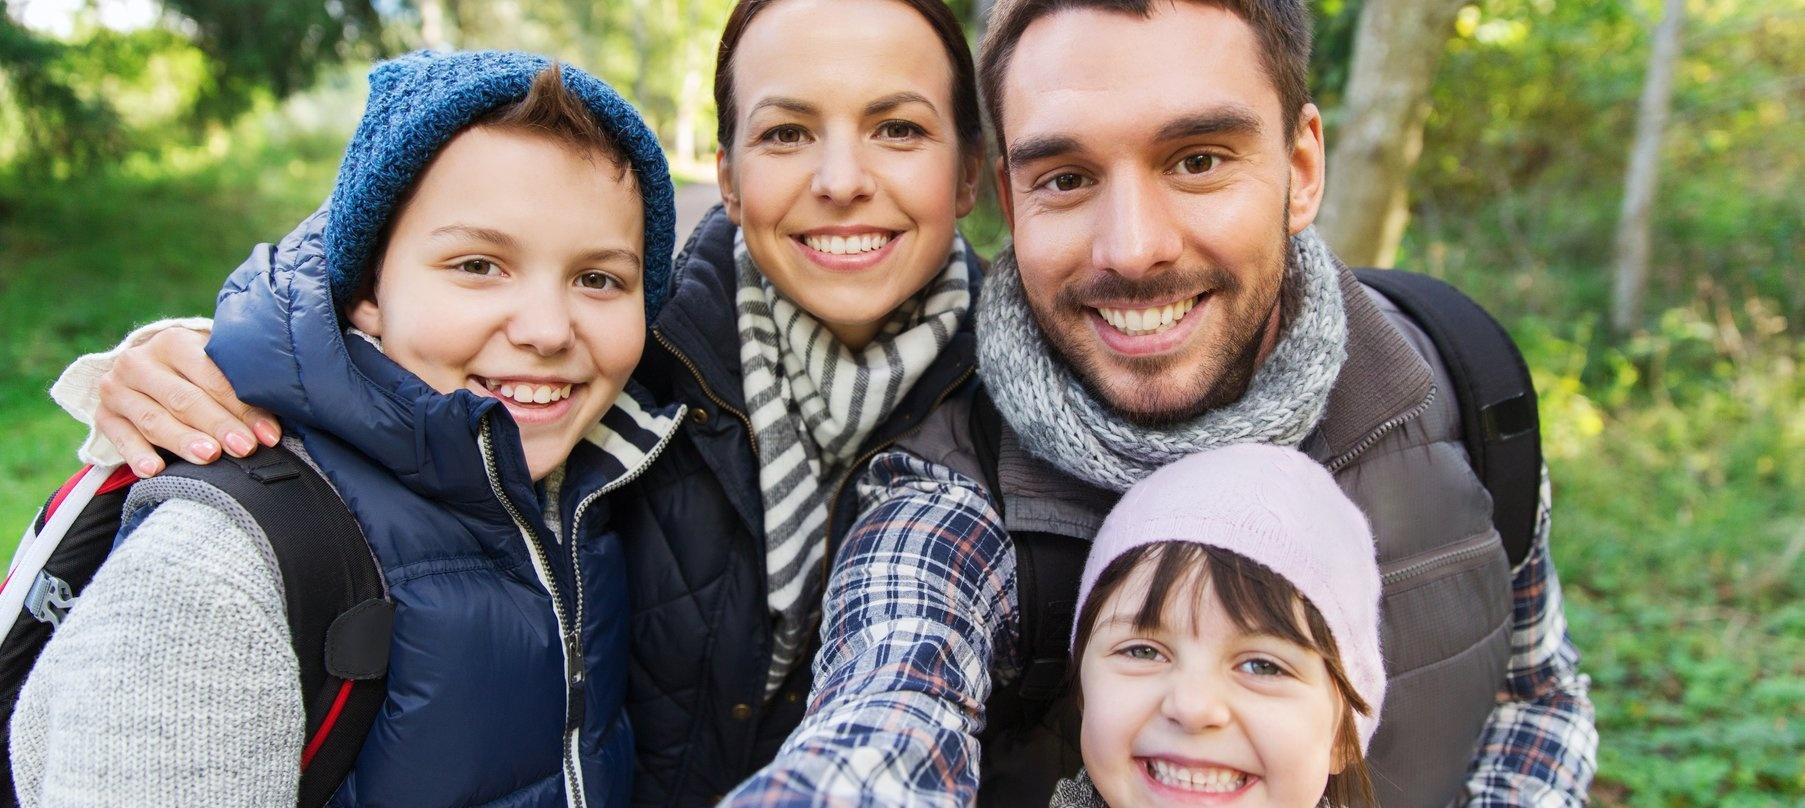 ownership-family.2e16d0ba.fill-1805x808